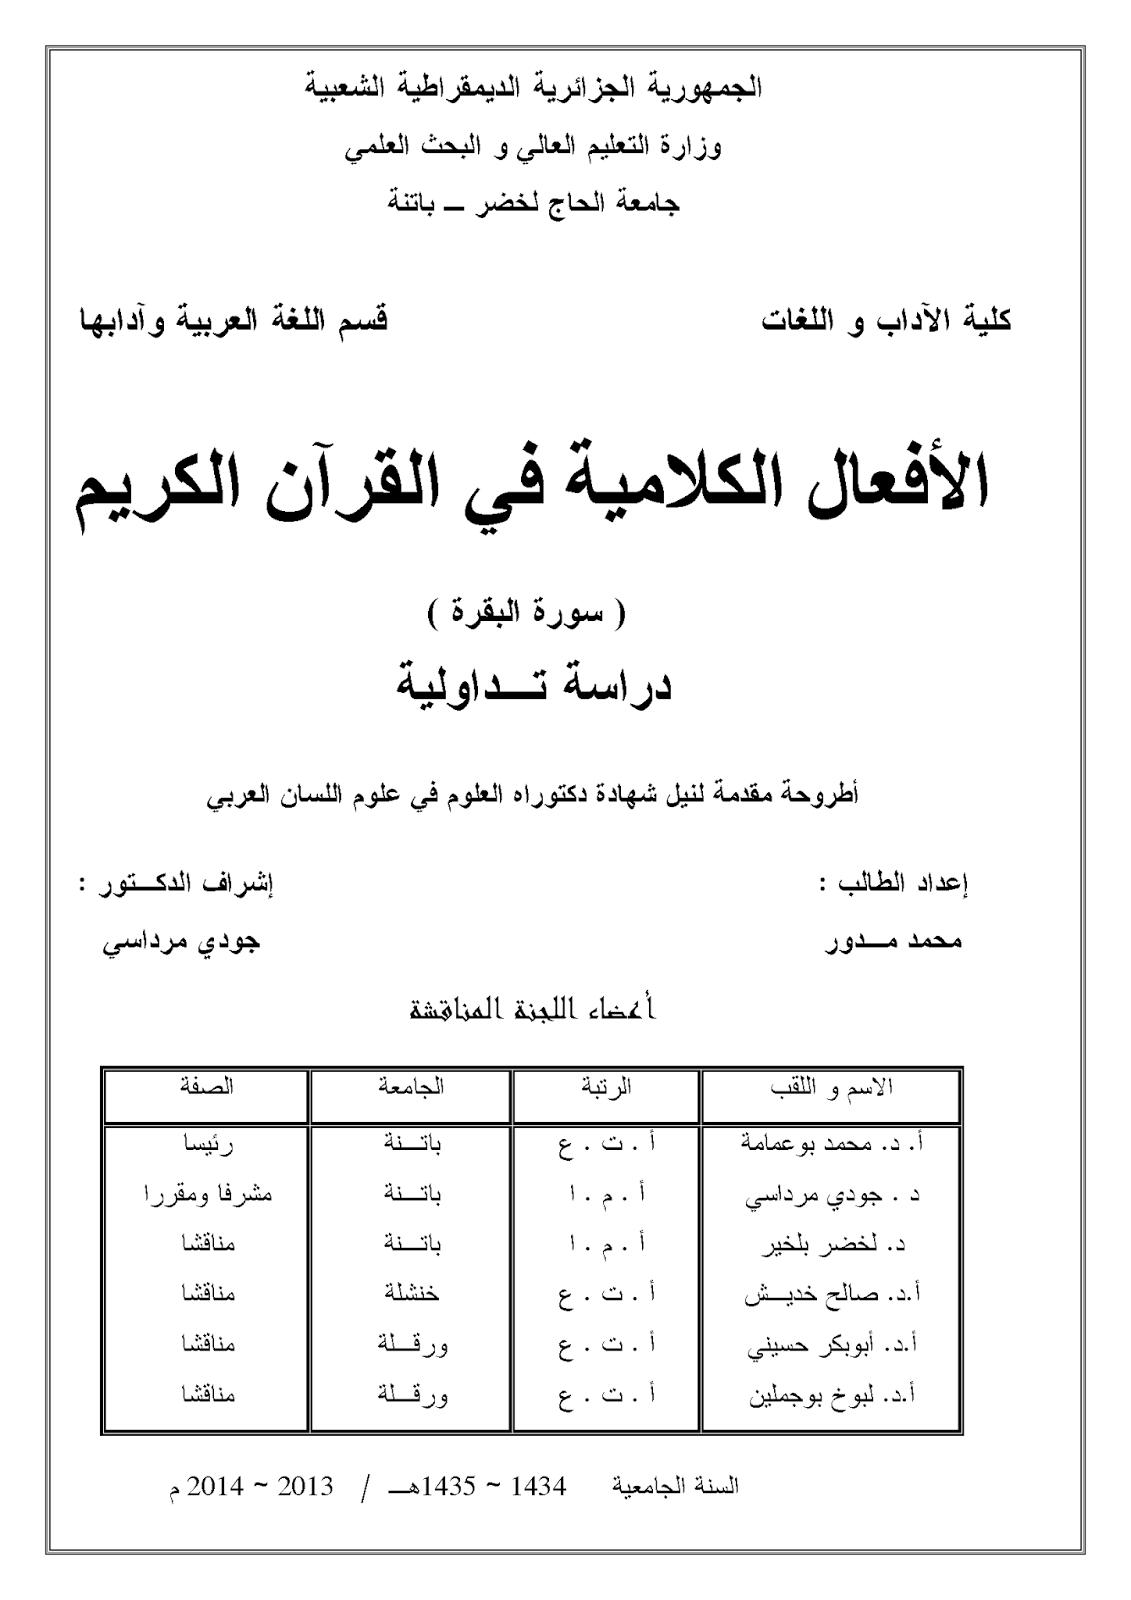 كتاب الأفعال الكلامية في القرآن الكريم سورة البقرة (دراسة تداولية)